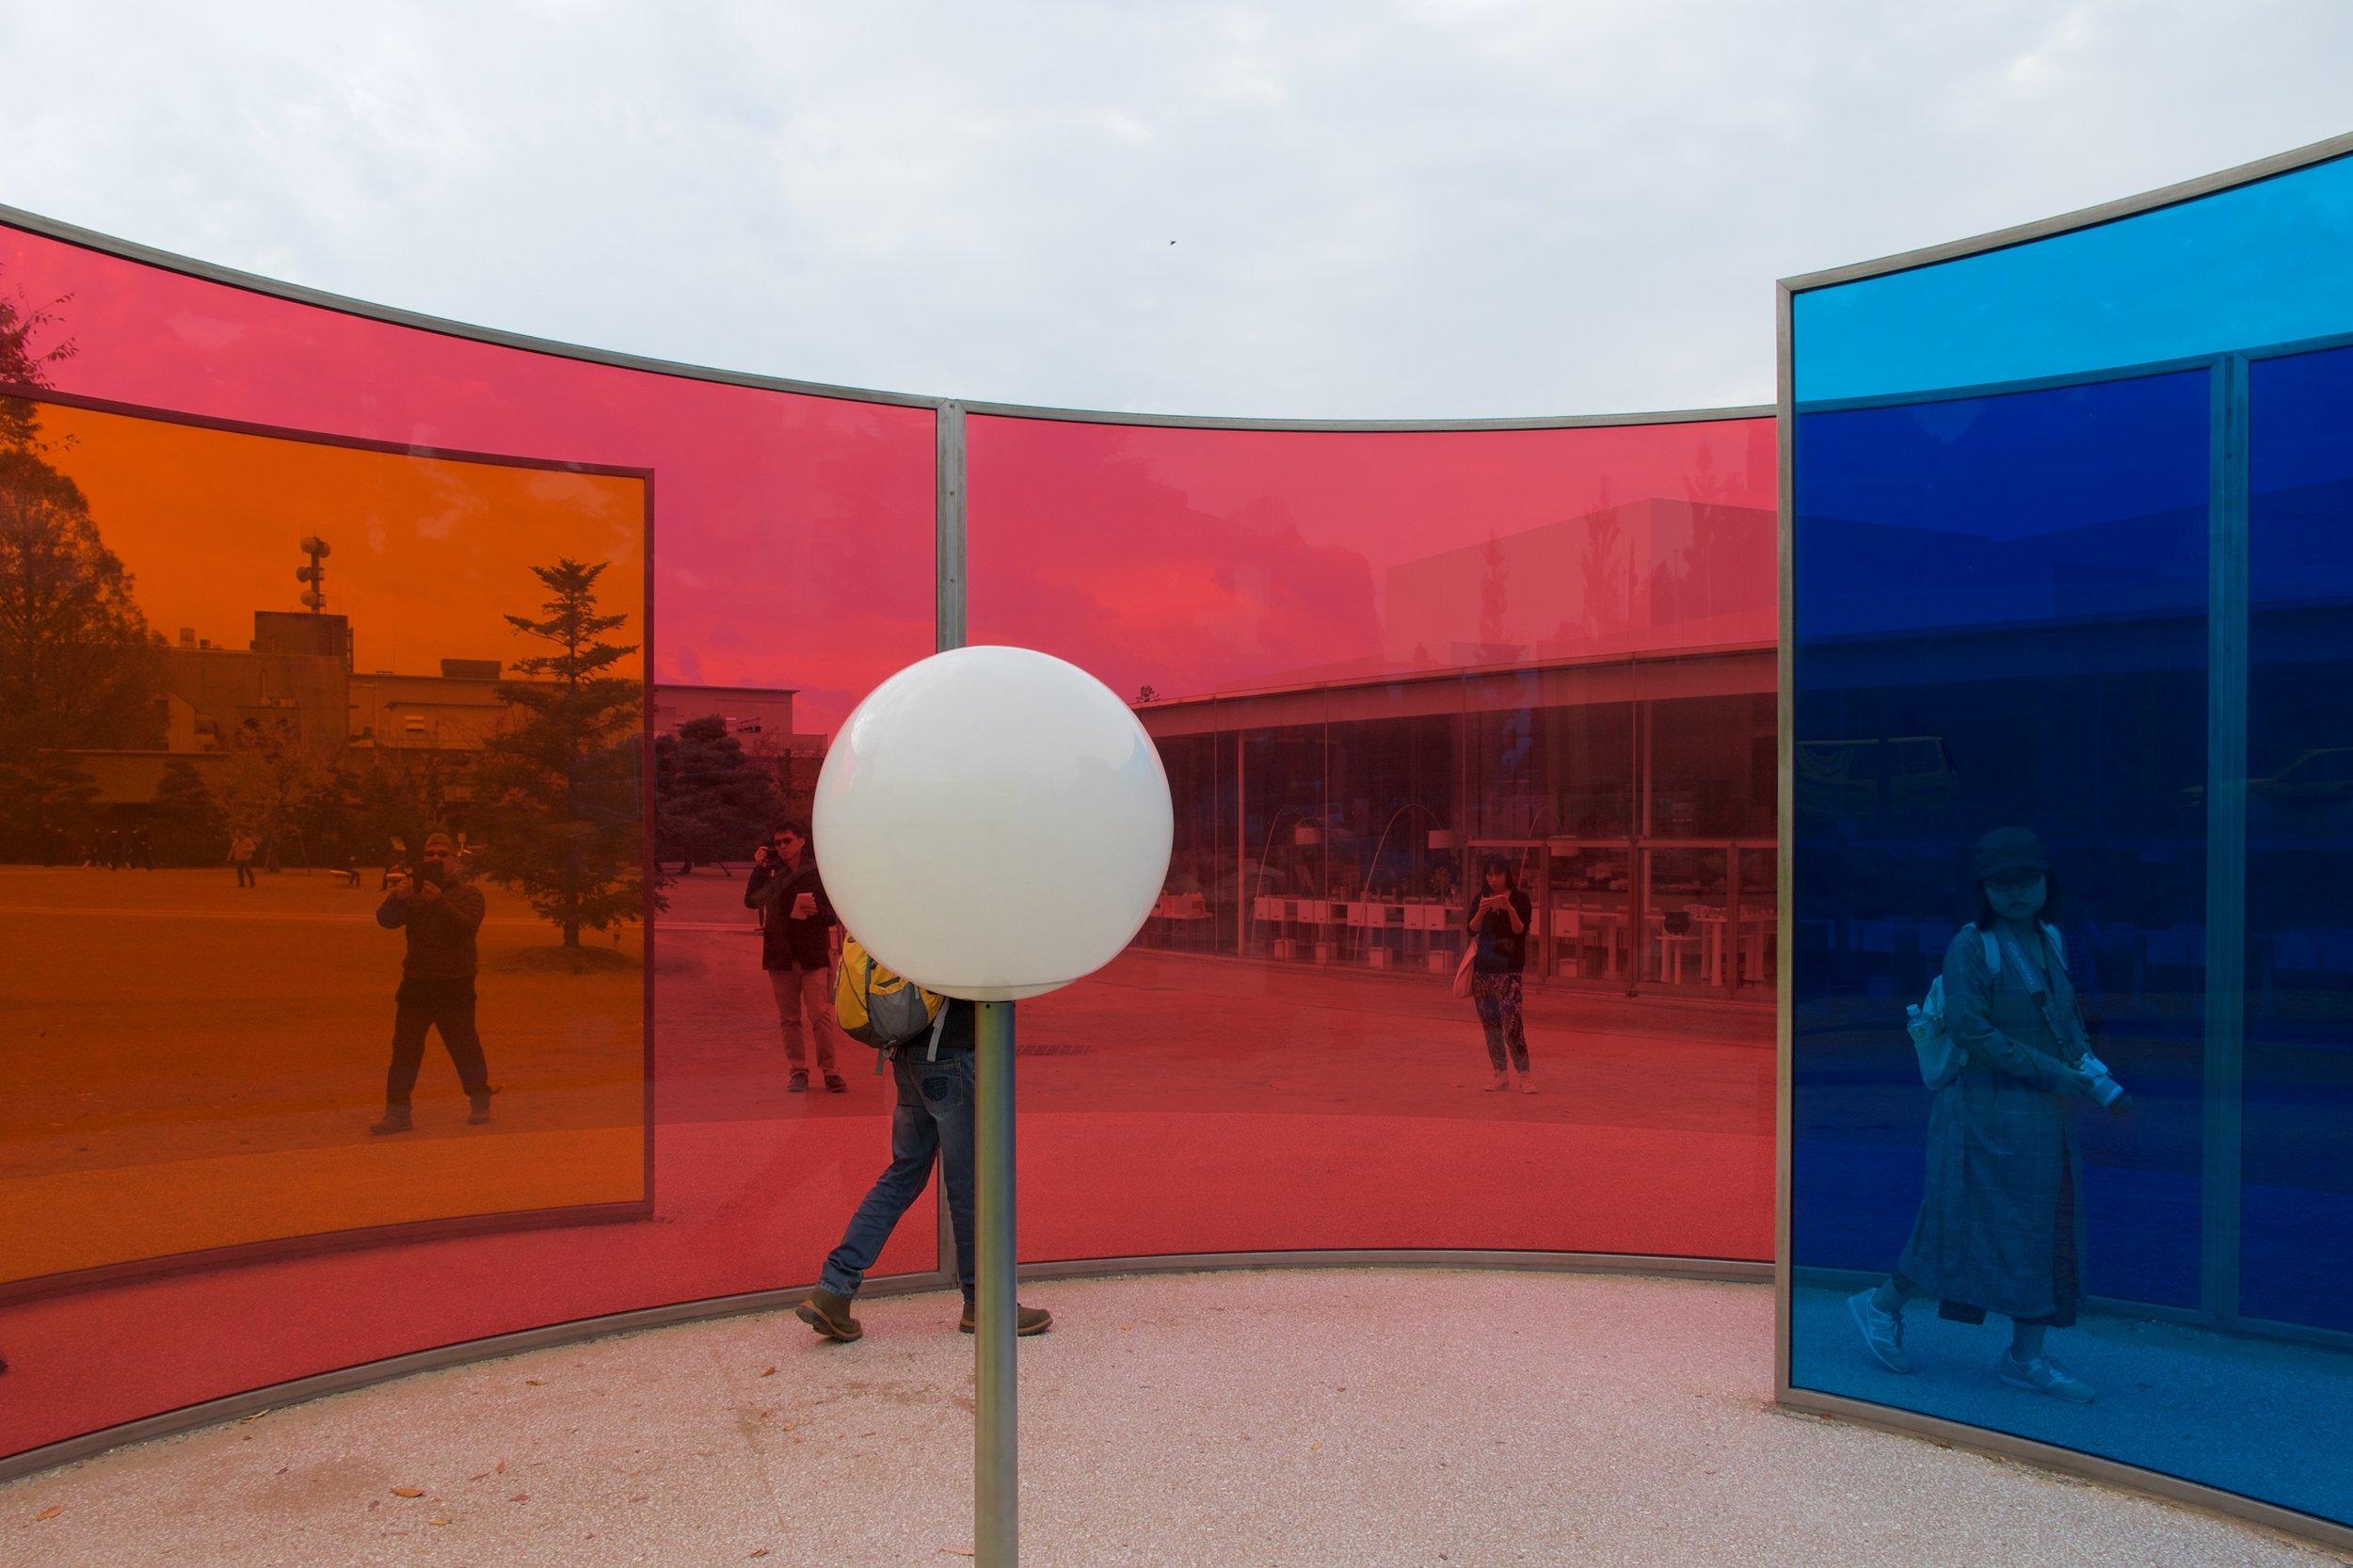 Colour activity house,Olafur Eliasson